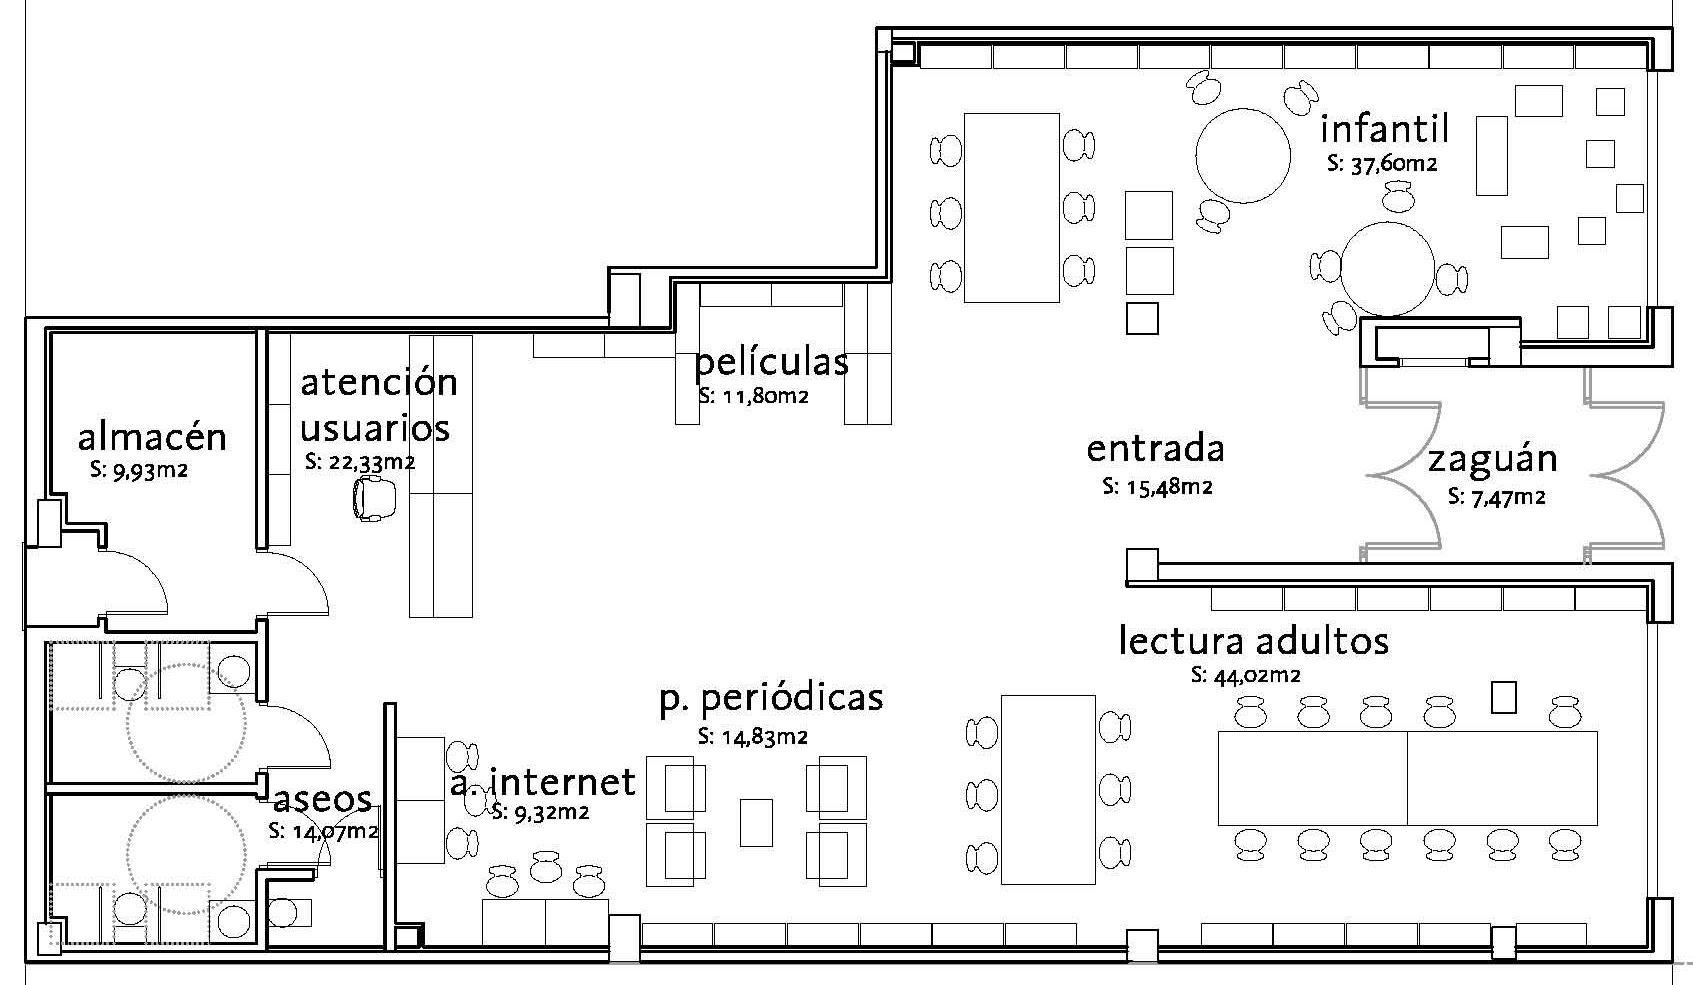 Ayuntamiento de zaragoza noticias zaragoza dispondr esta for Plano escuela infantil